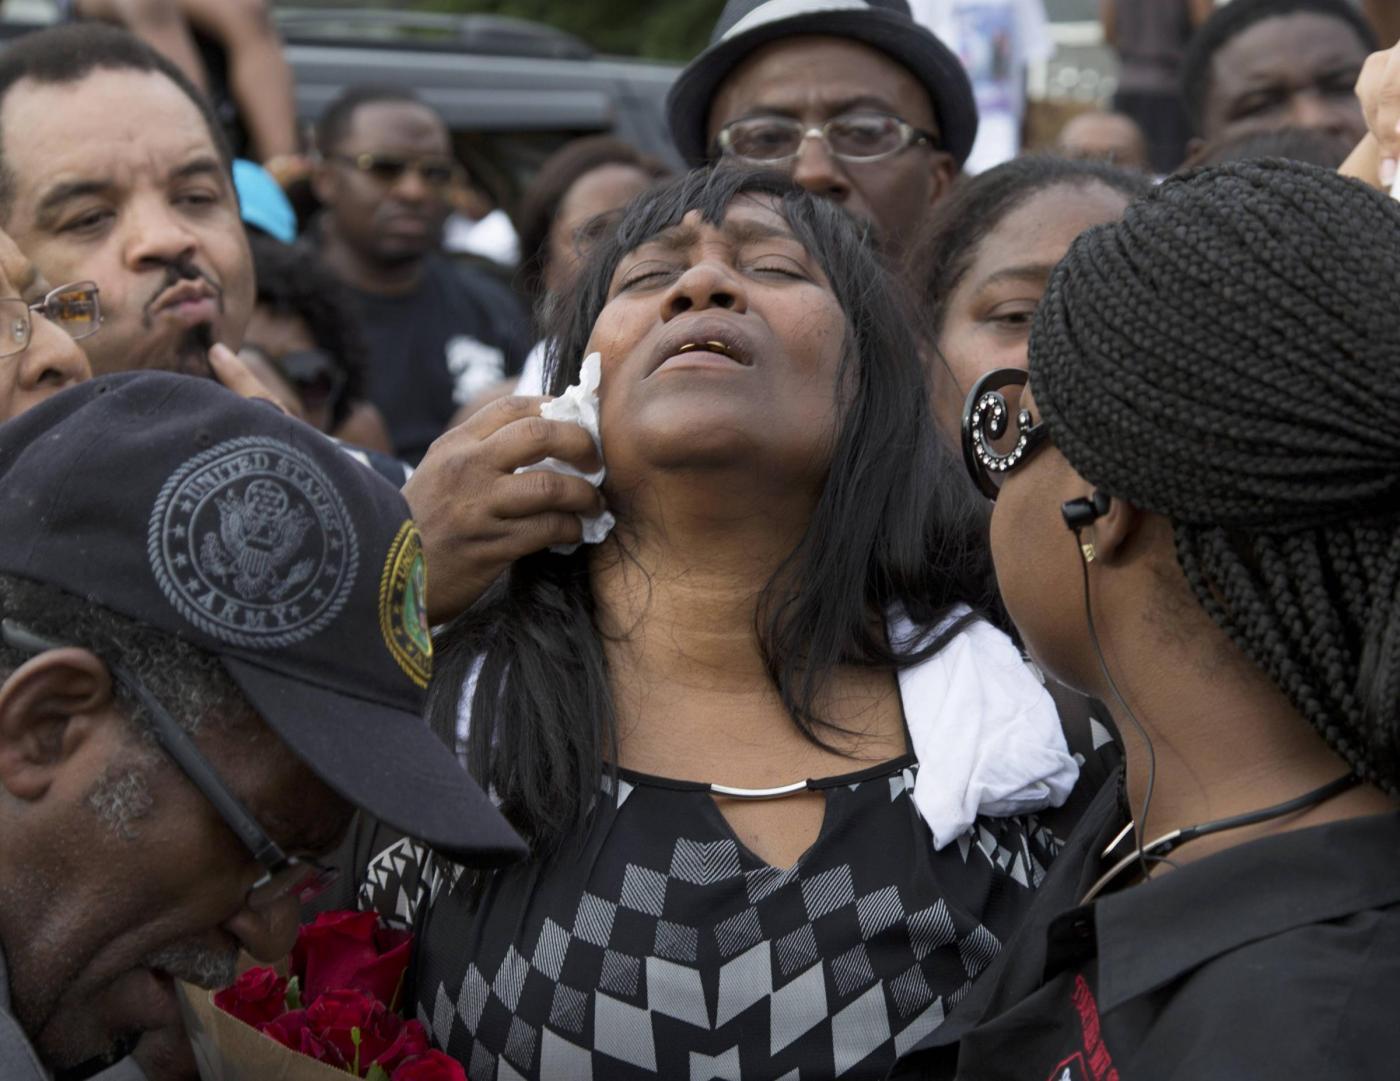 Baton Rouge, commemorazione di Alton Stering ucciso dalla polizia